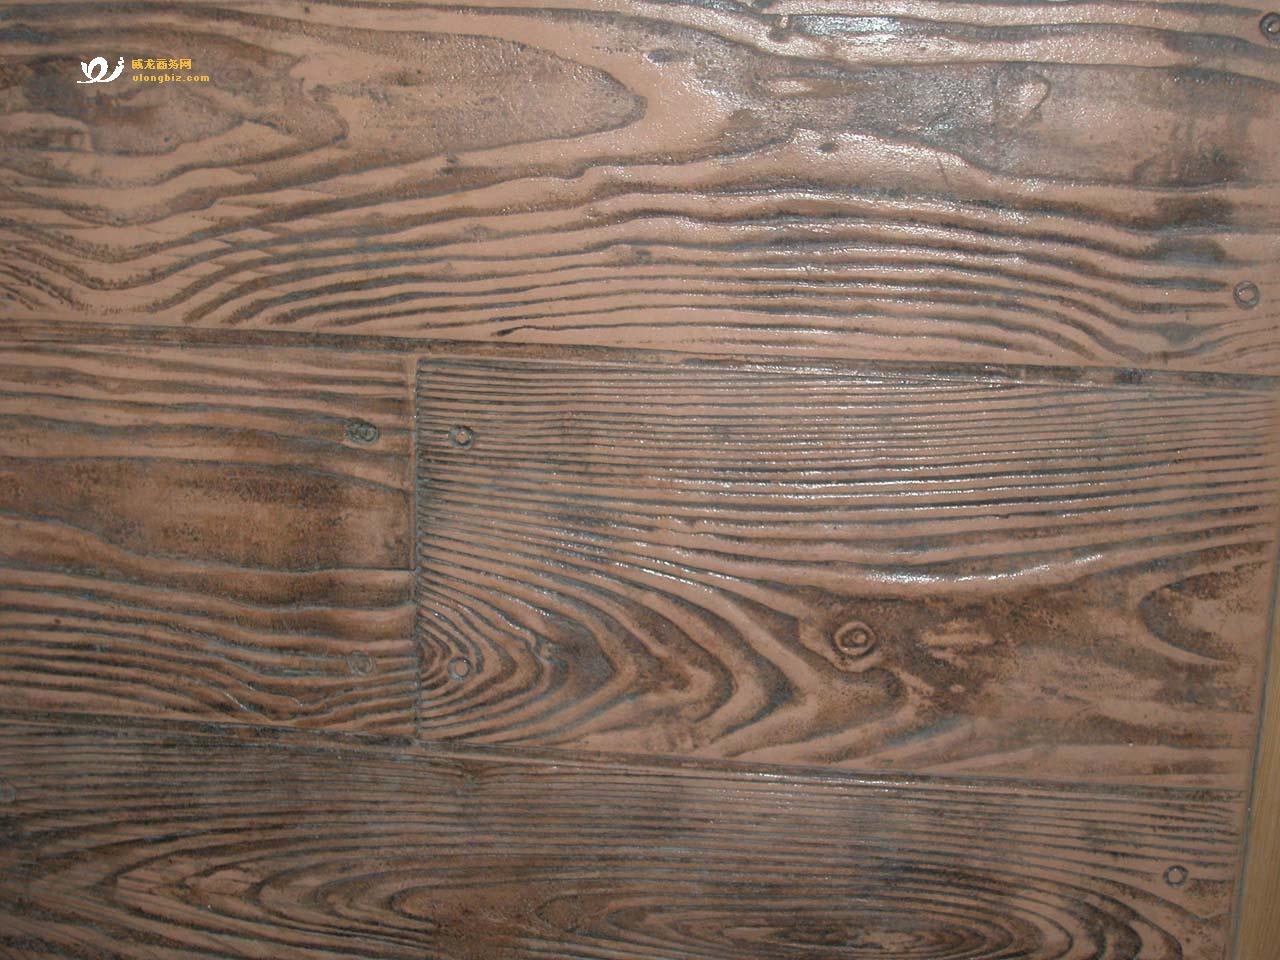 商易宝 产品列表 园林景观 园林设施 地面铺装 仿木地坪